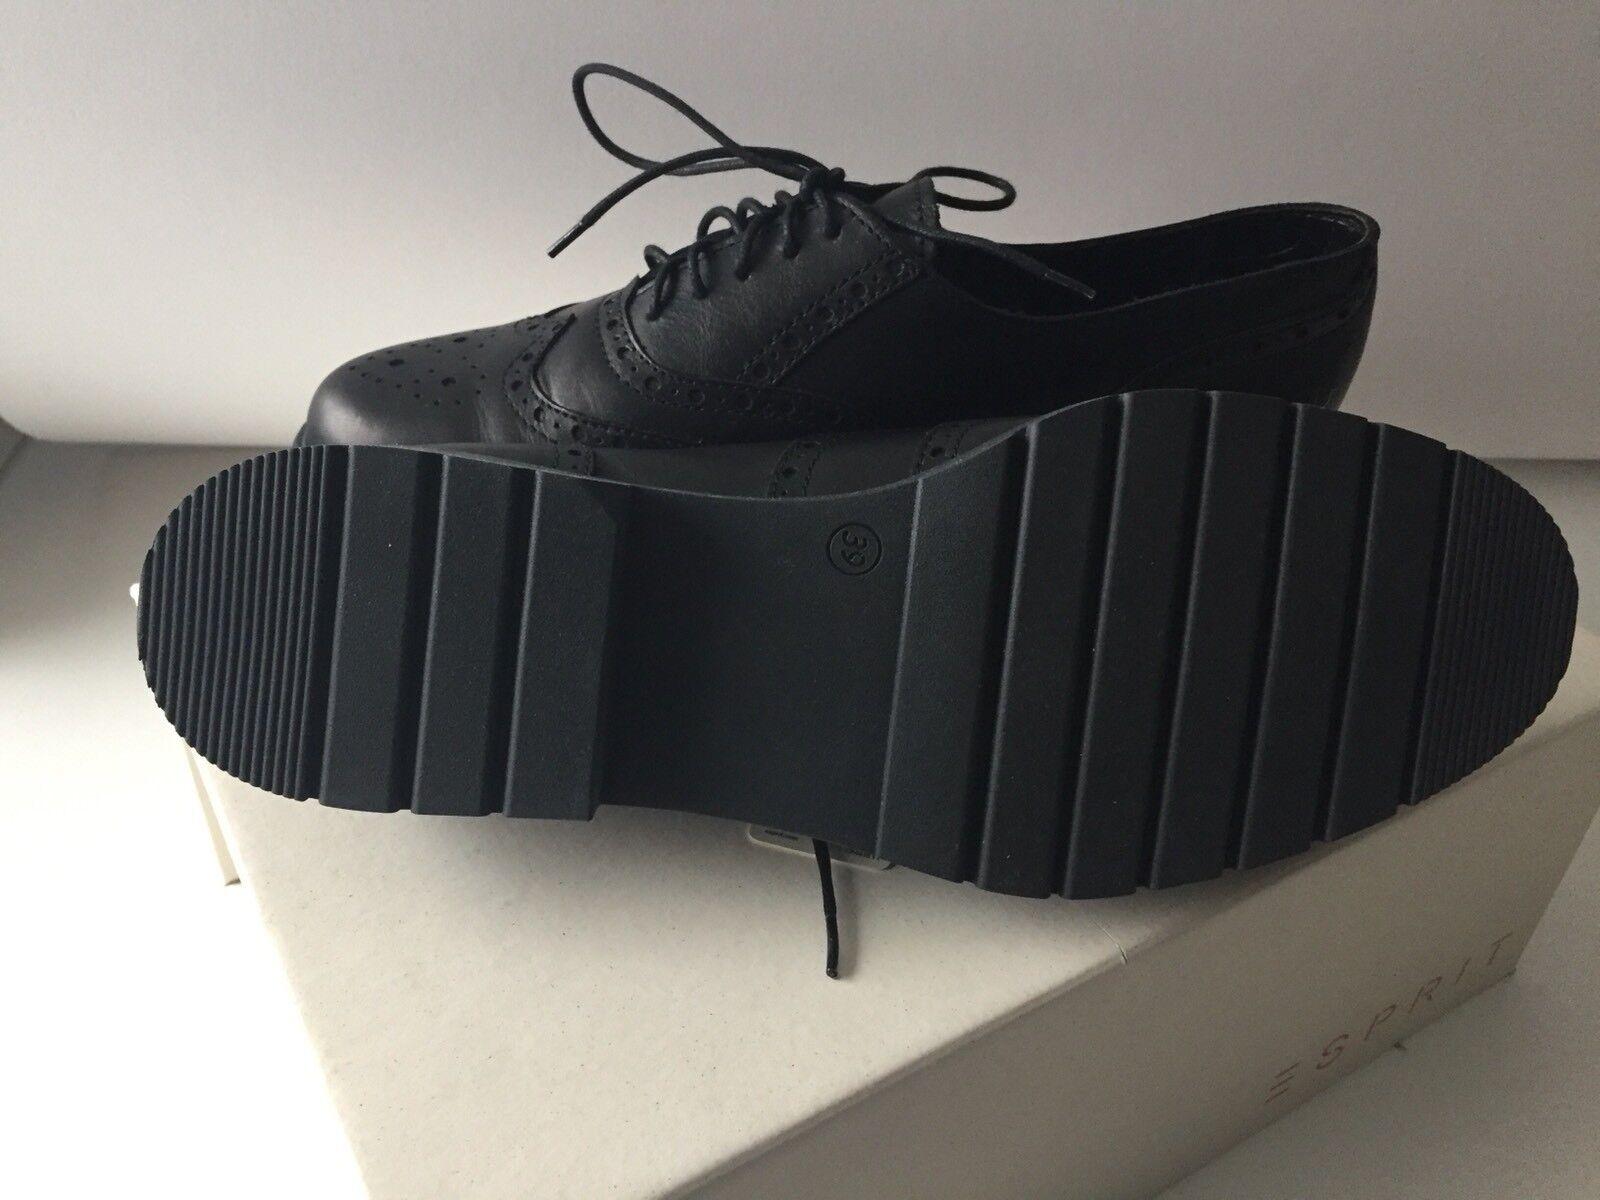 ESPRIT Leder Schuhe Schnüren Budapester schwarz Größe 39 NEU OVP Budapester Schnüren Muster 036ea8